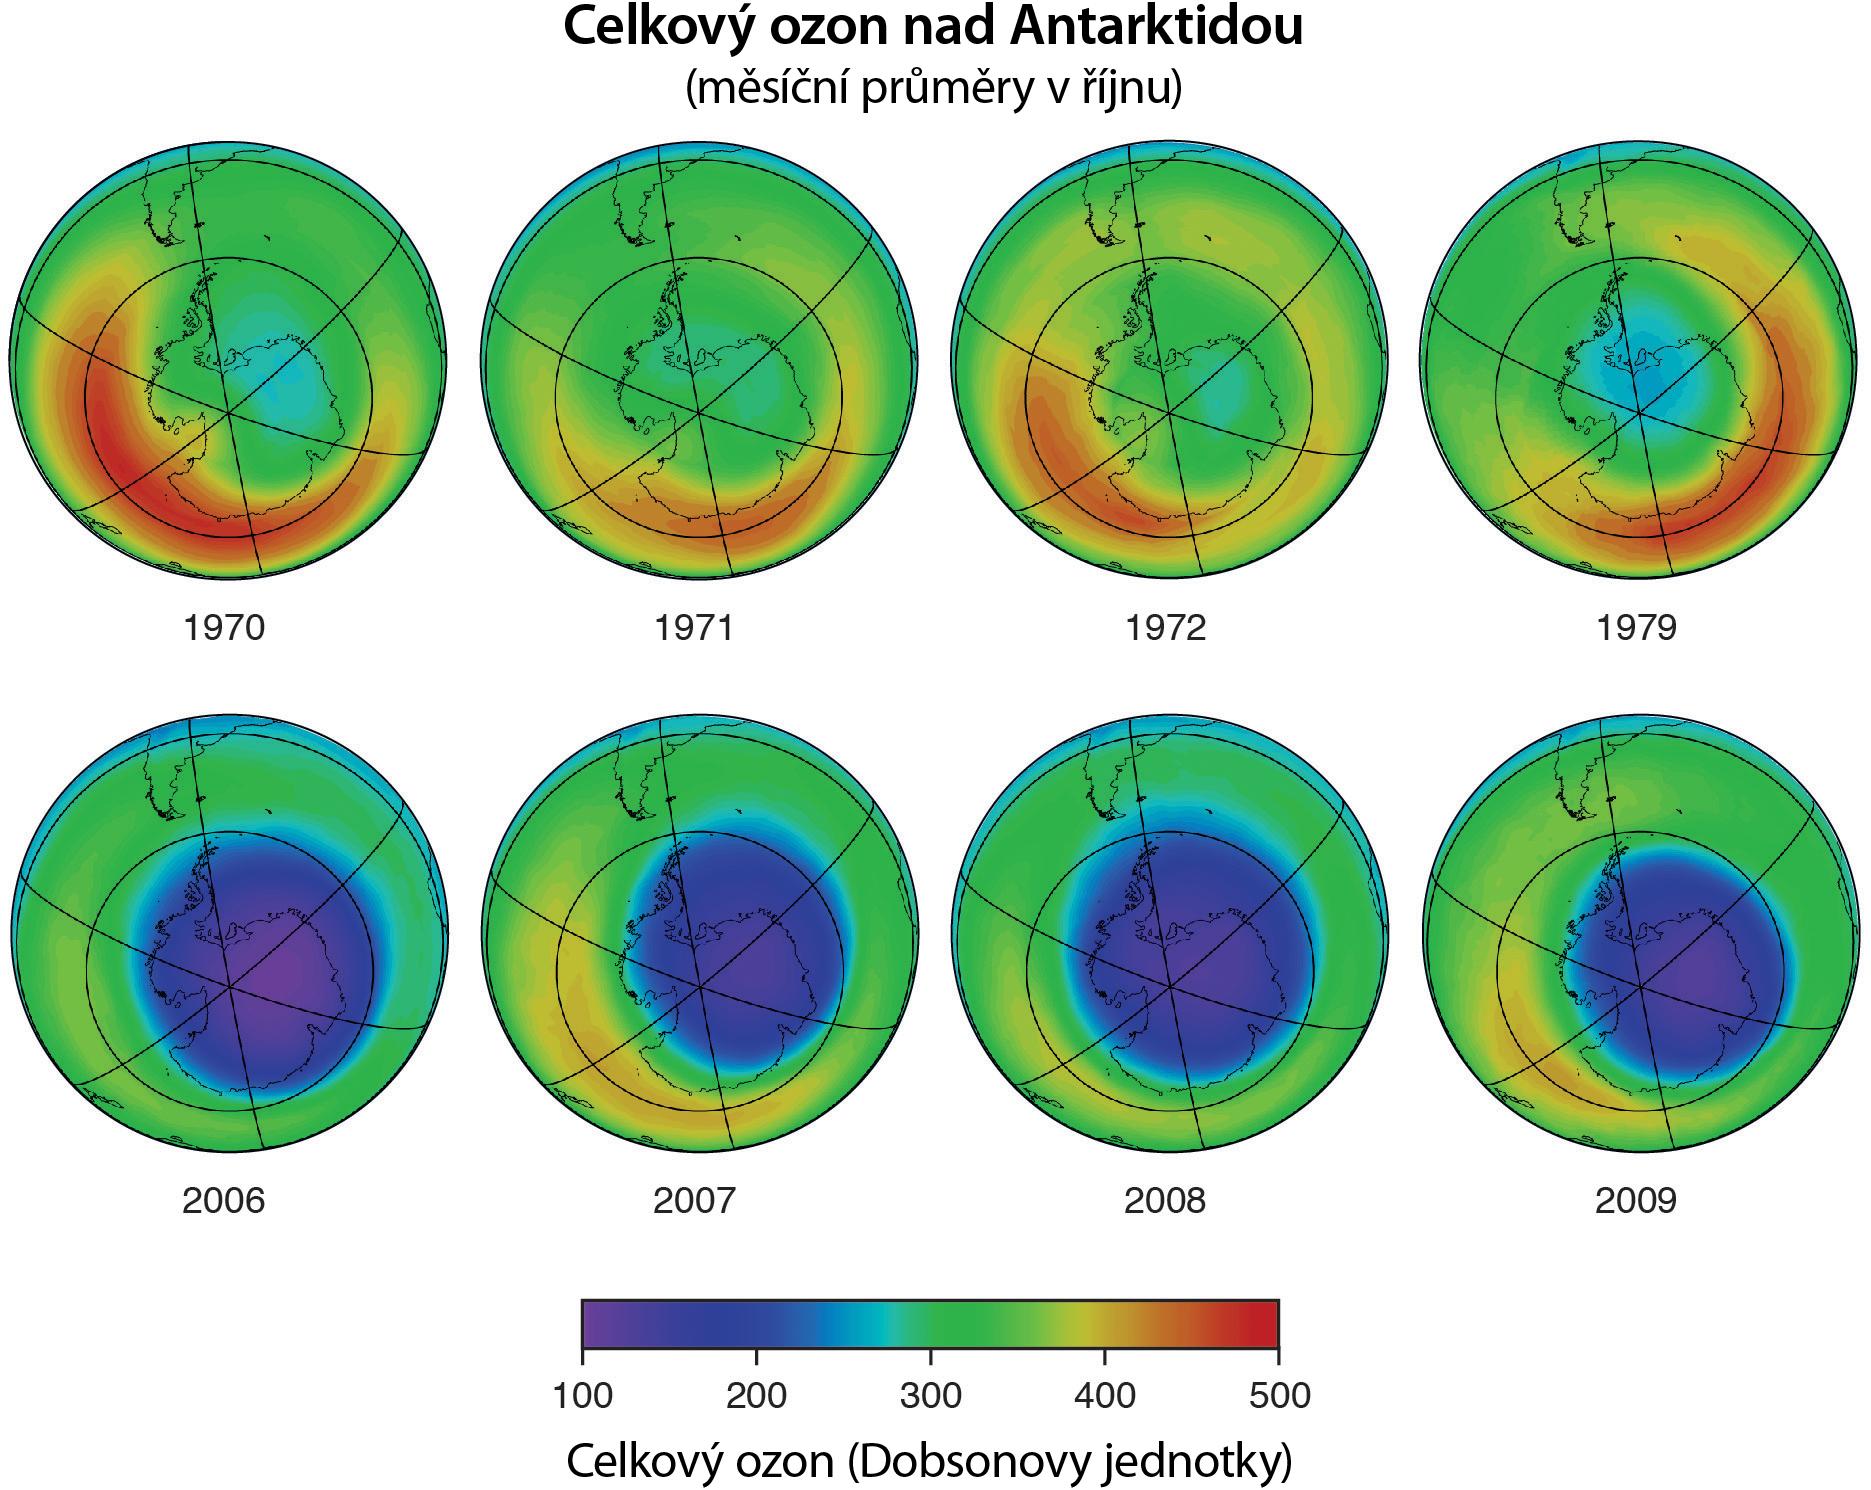 Ozonová díra nad Antarktidou v průběhu let